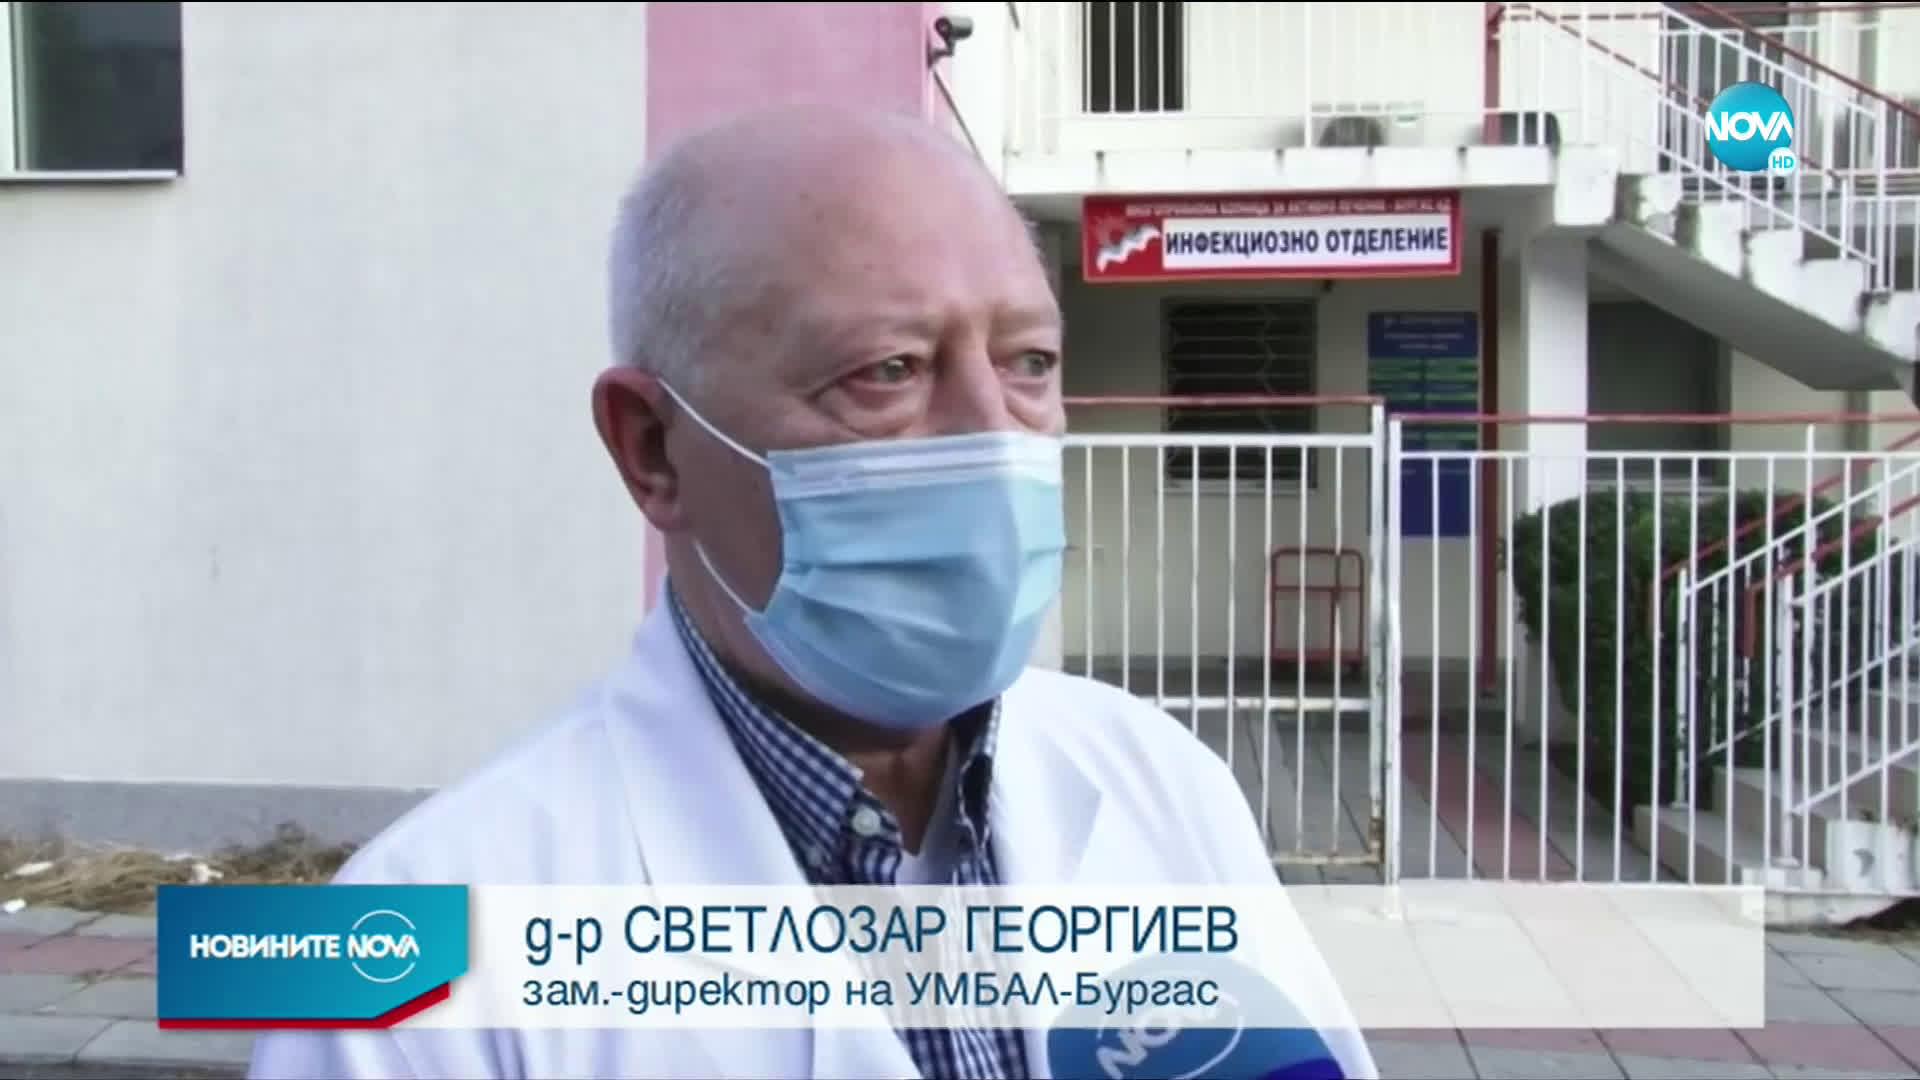 Недостиг на места за пациентите с COVID-19 в бургаските болници